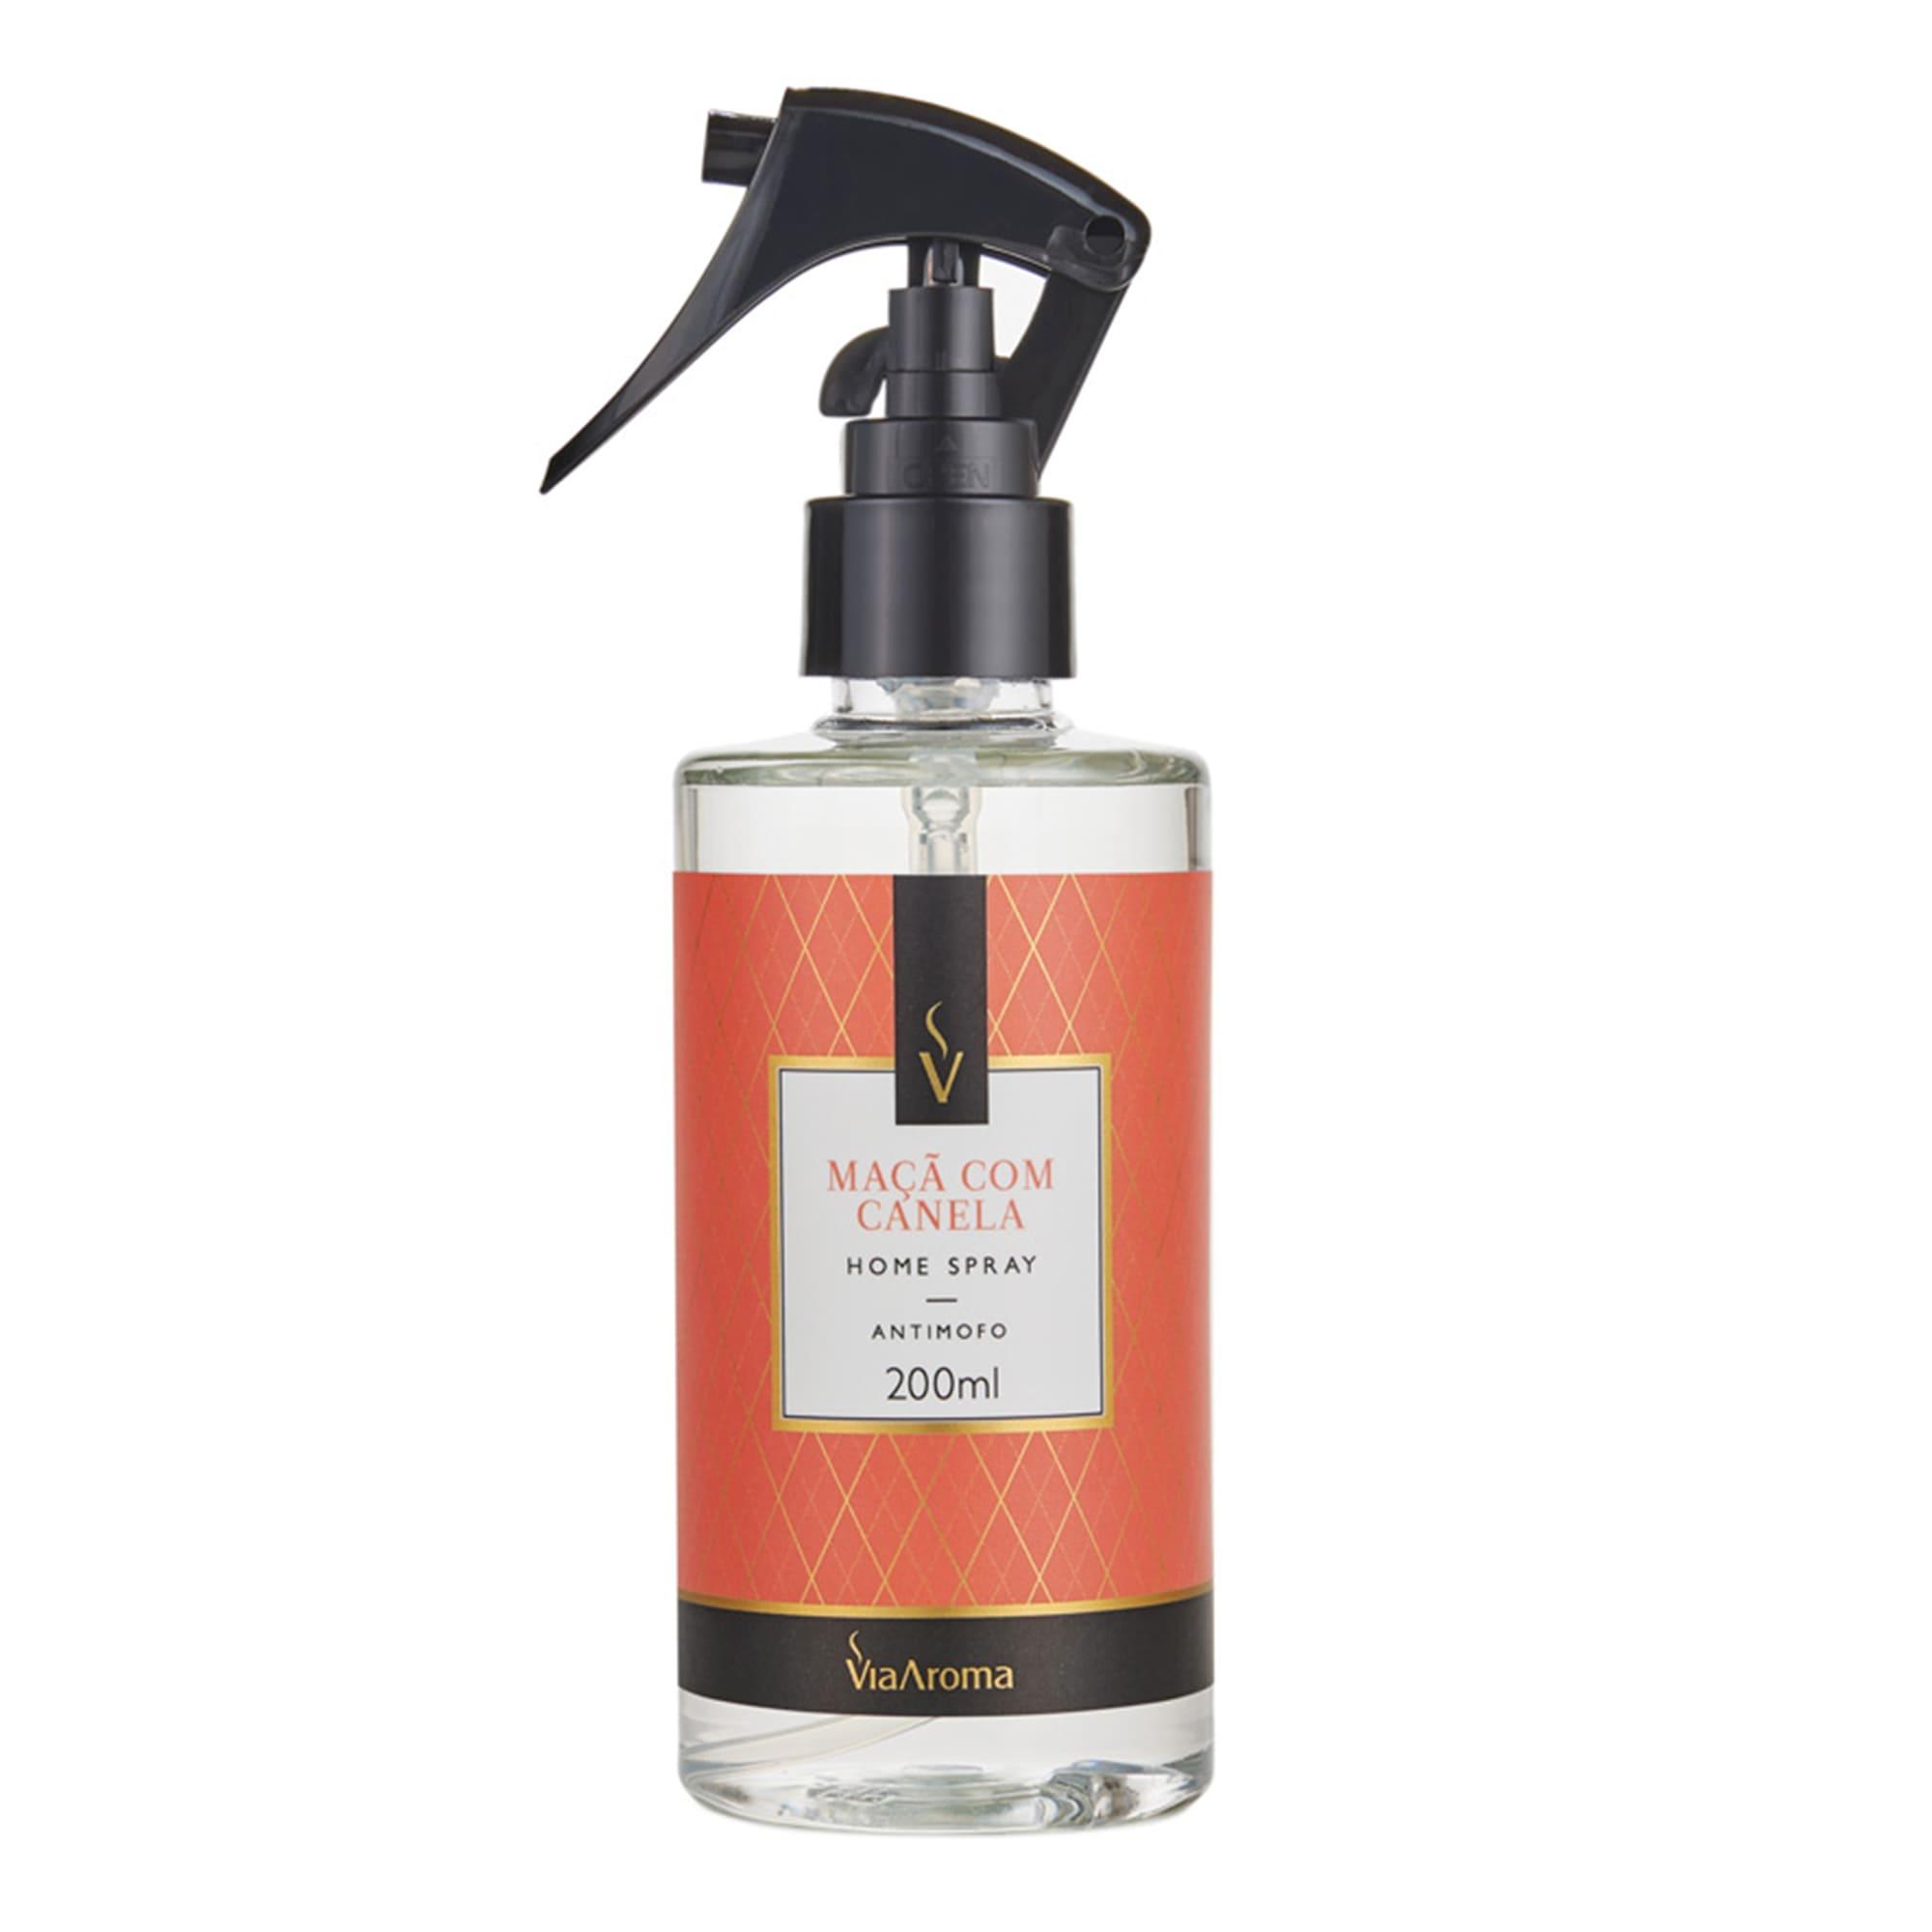 Home Spray 200ml - Maçã com Canela